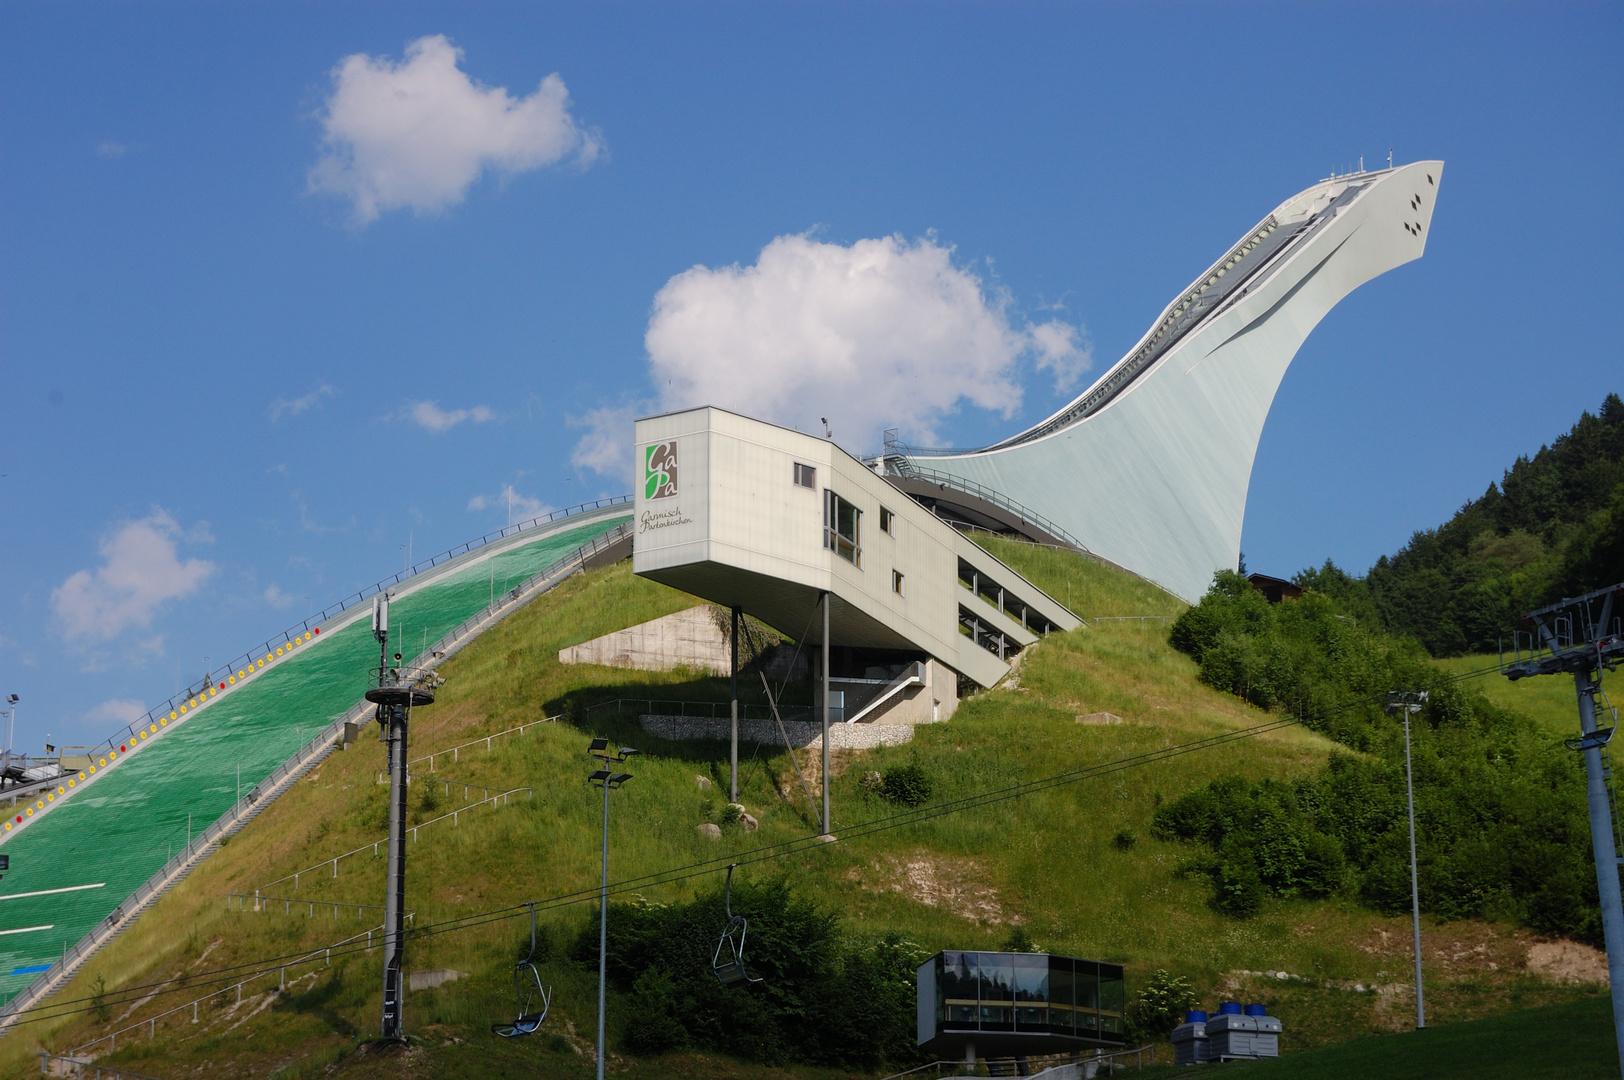 Skisprungschanze in garmisch partenkirchen foto bild - Garmisch partenkirchen office du tourisme ...